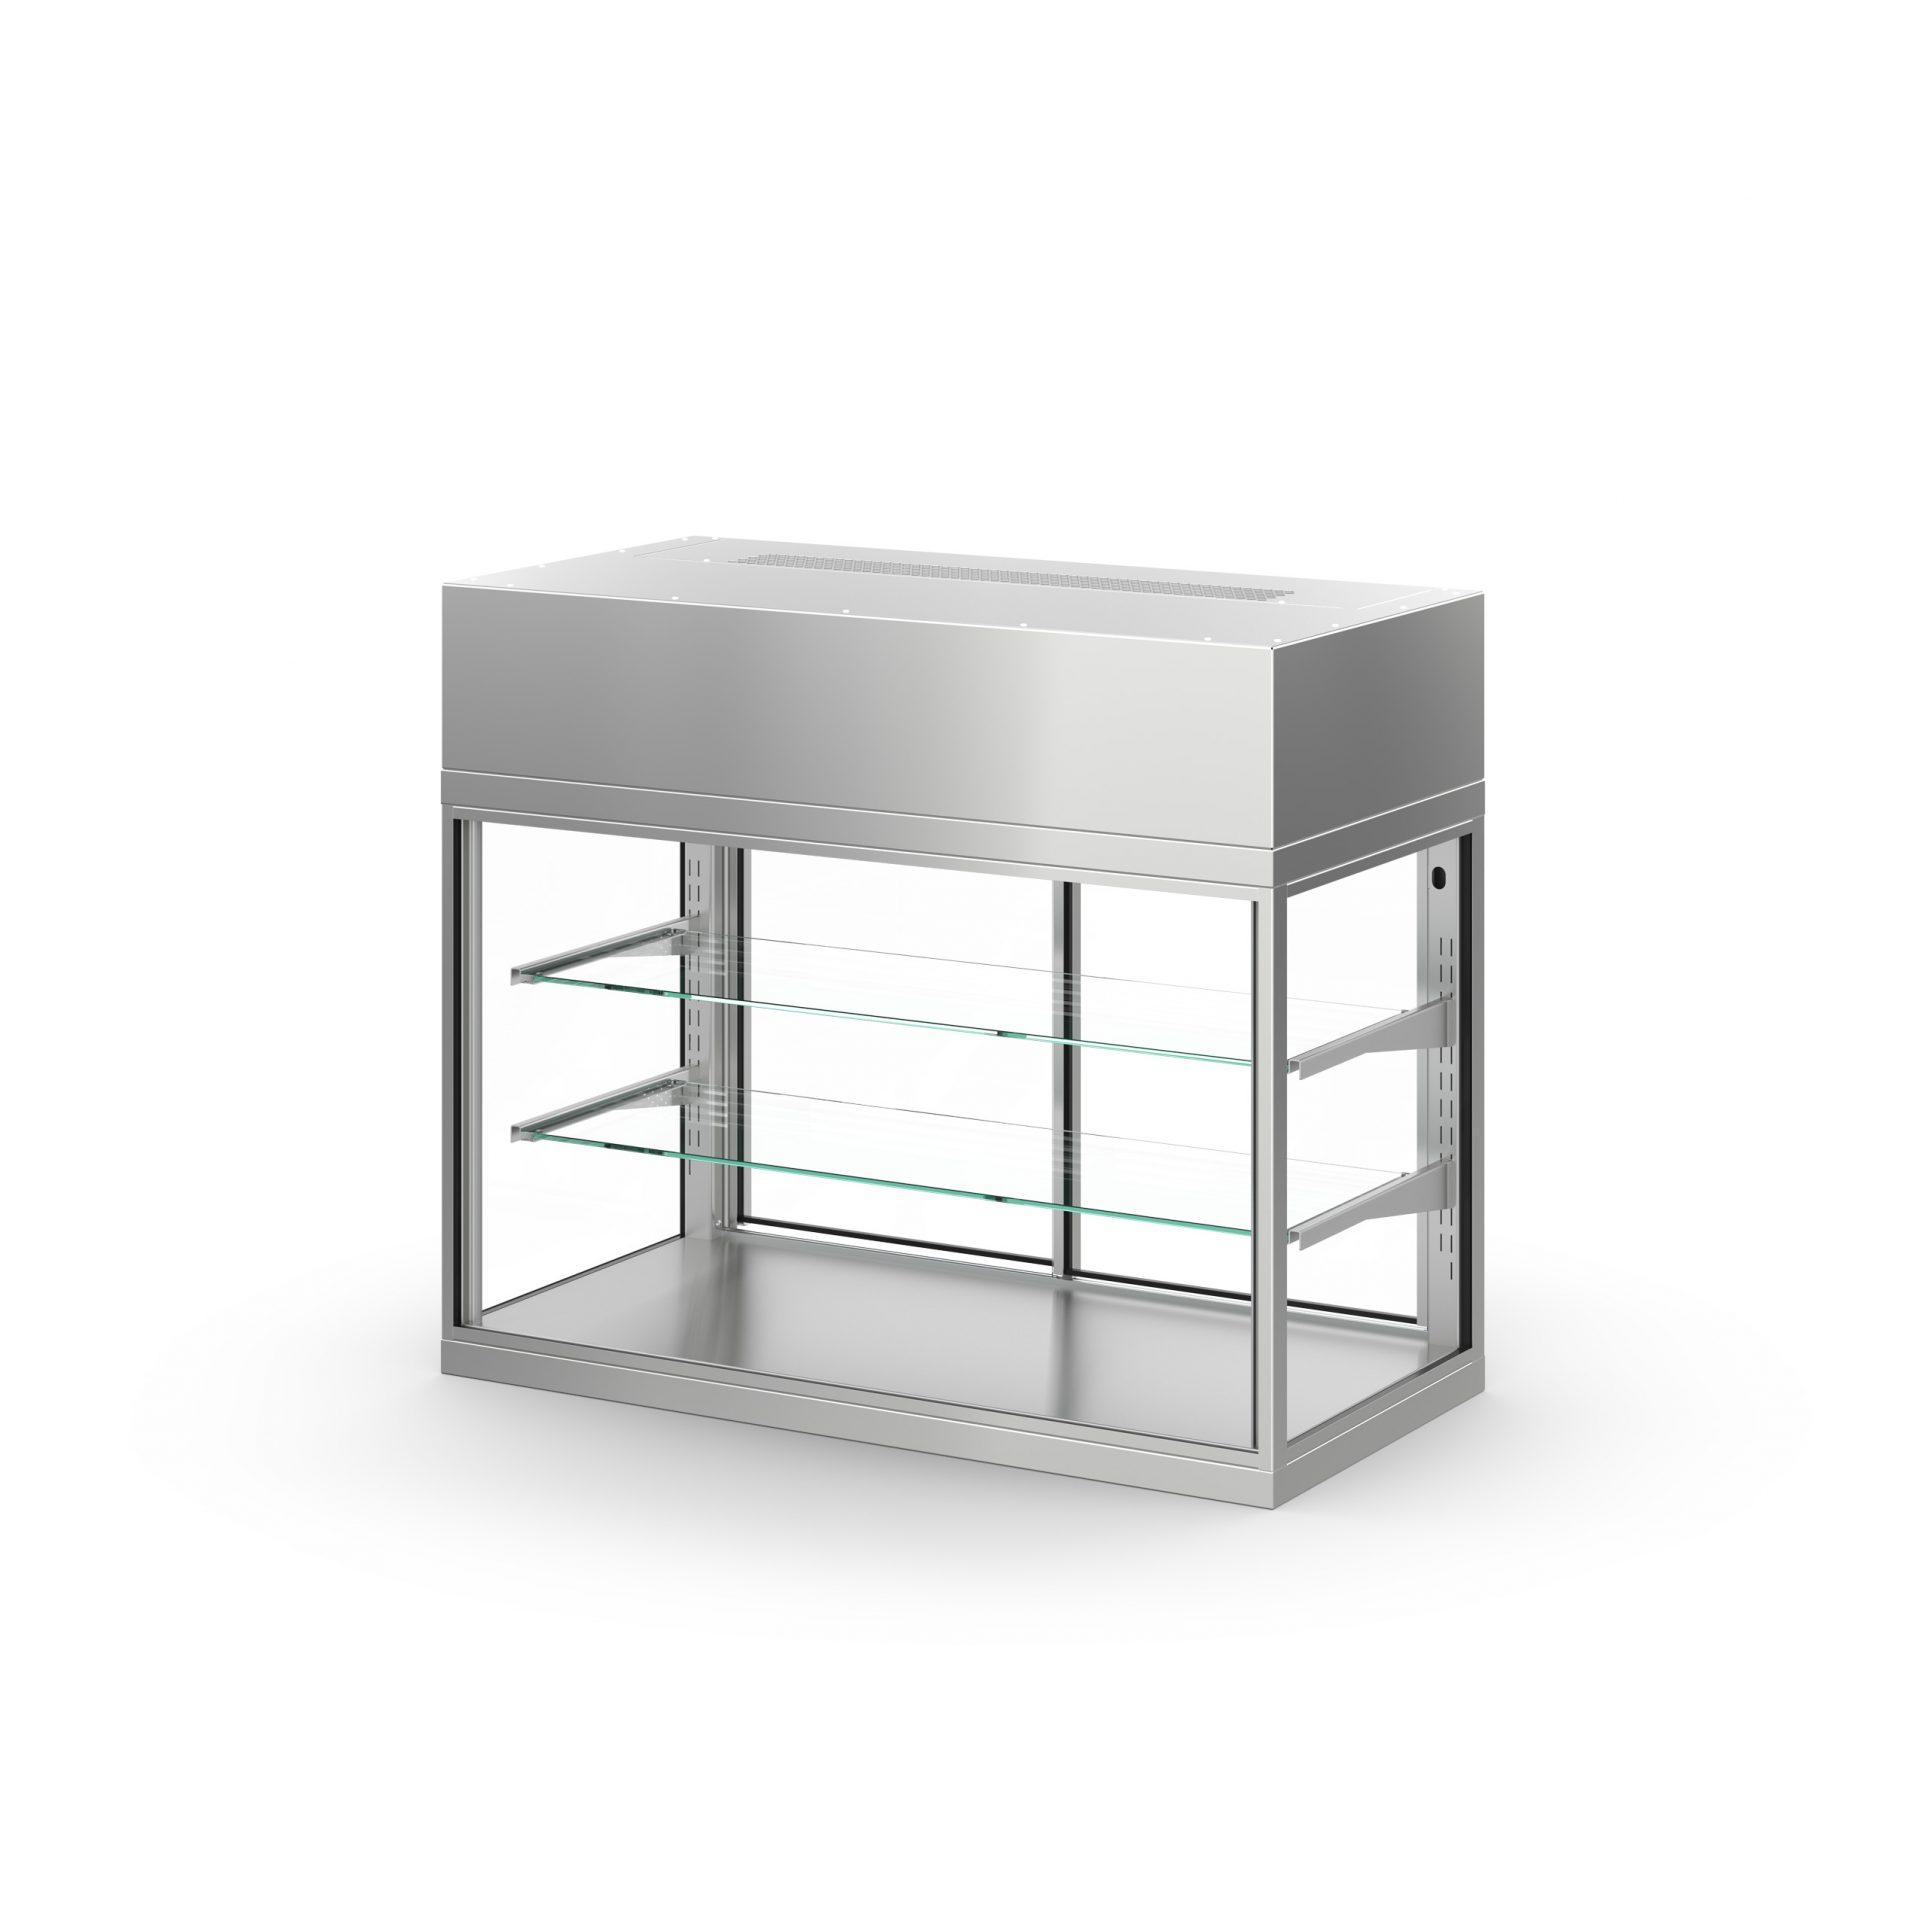 Chladící vitrína MODUS T MO120580FT2G10 samoobslužná 1200 x 500 x 850 mm